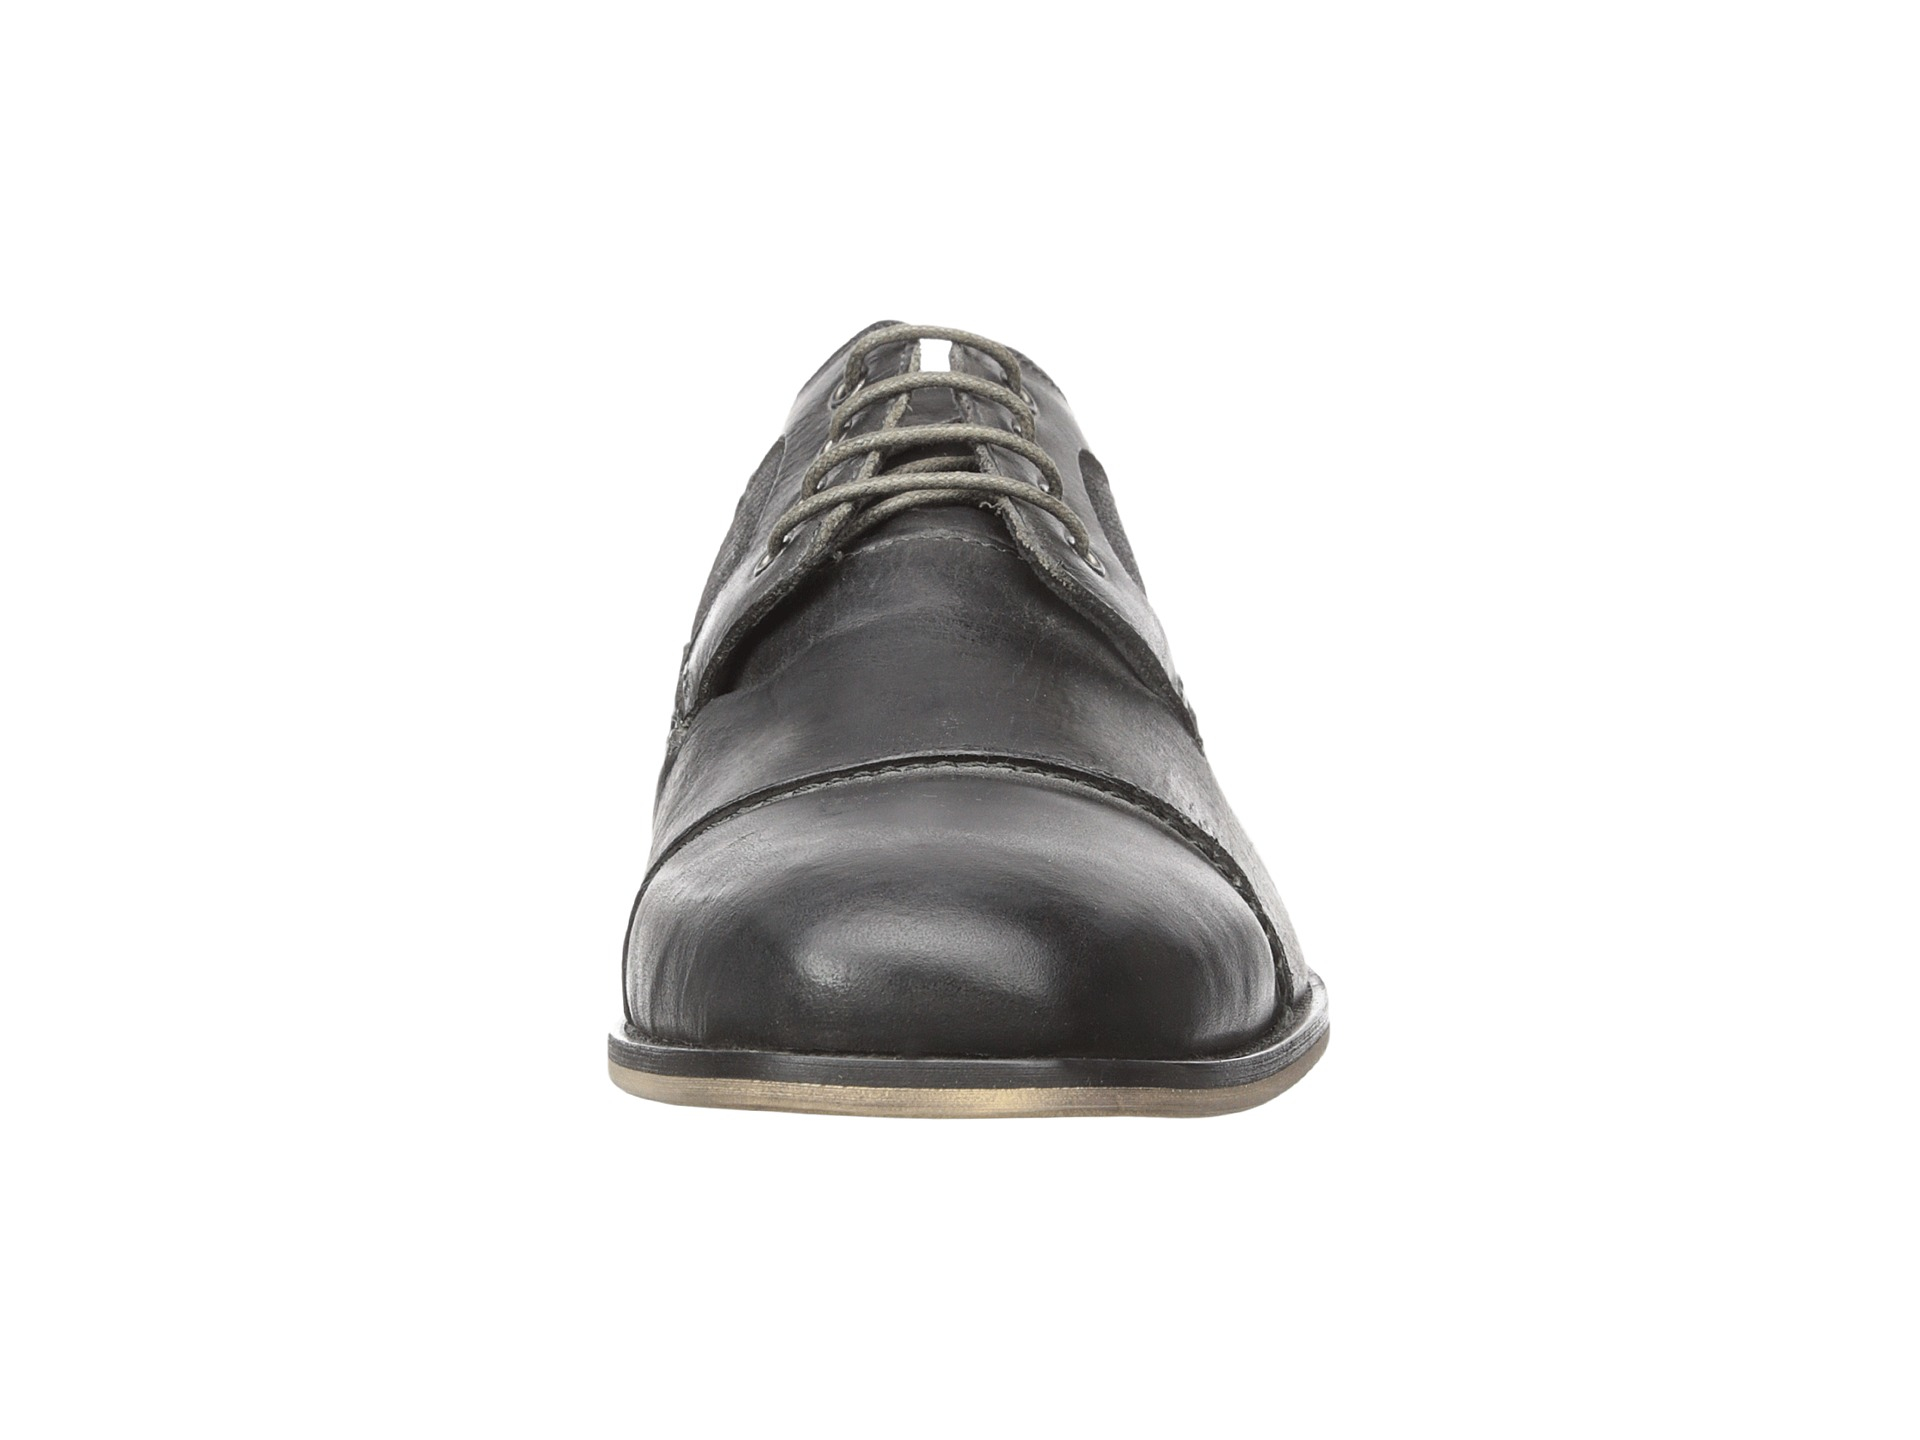 32ed13b958b Lyst - Steve Madden Jagwar1 (extended Sizes) in Gray for Men